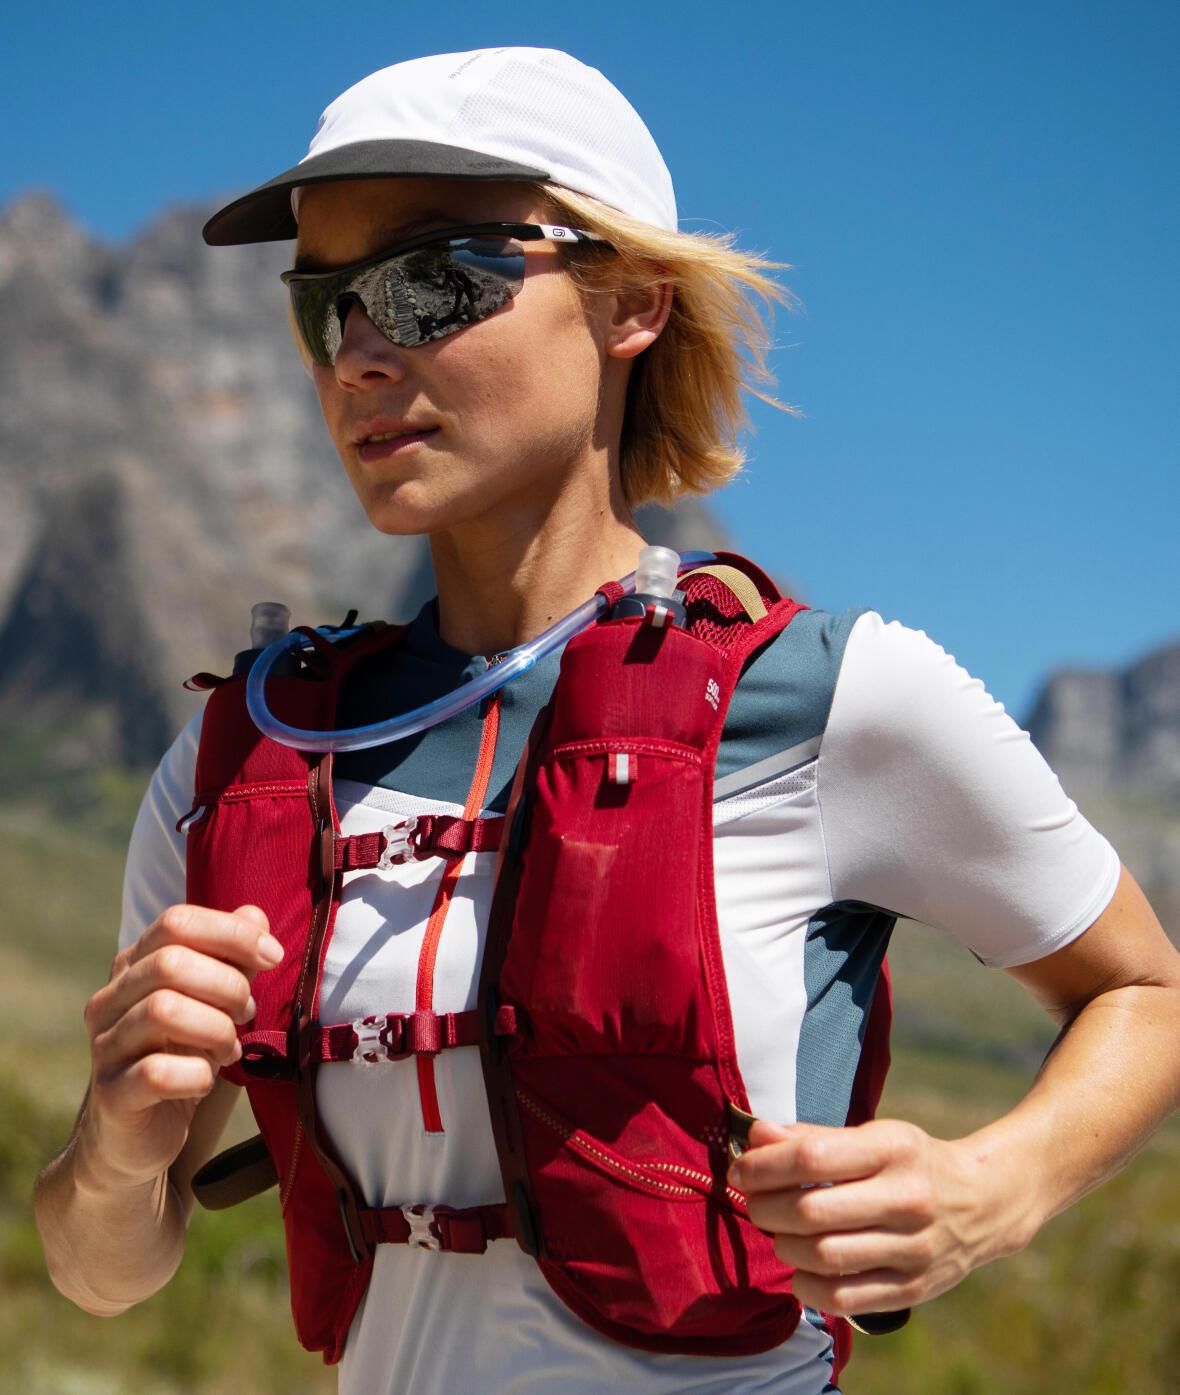 Une femme court avec une casquette, des lunettes de soleil et un gilet d'hydratation à cause de la chaleur